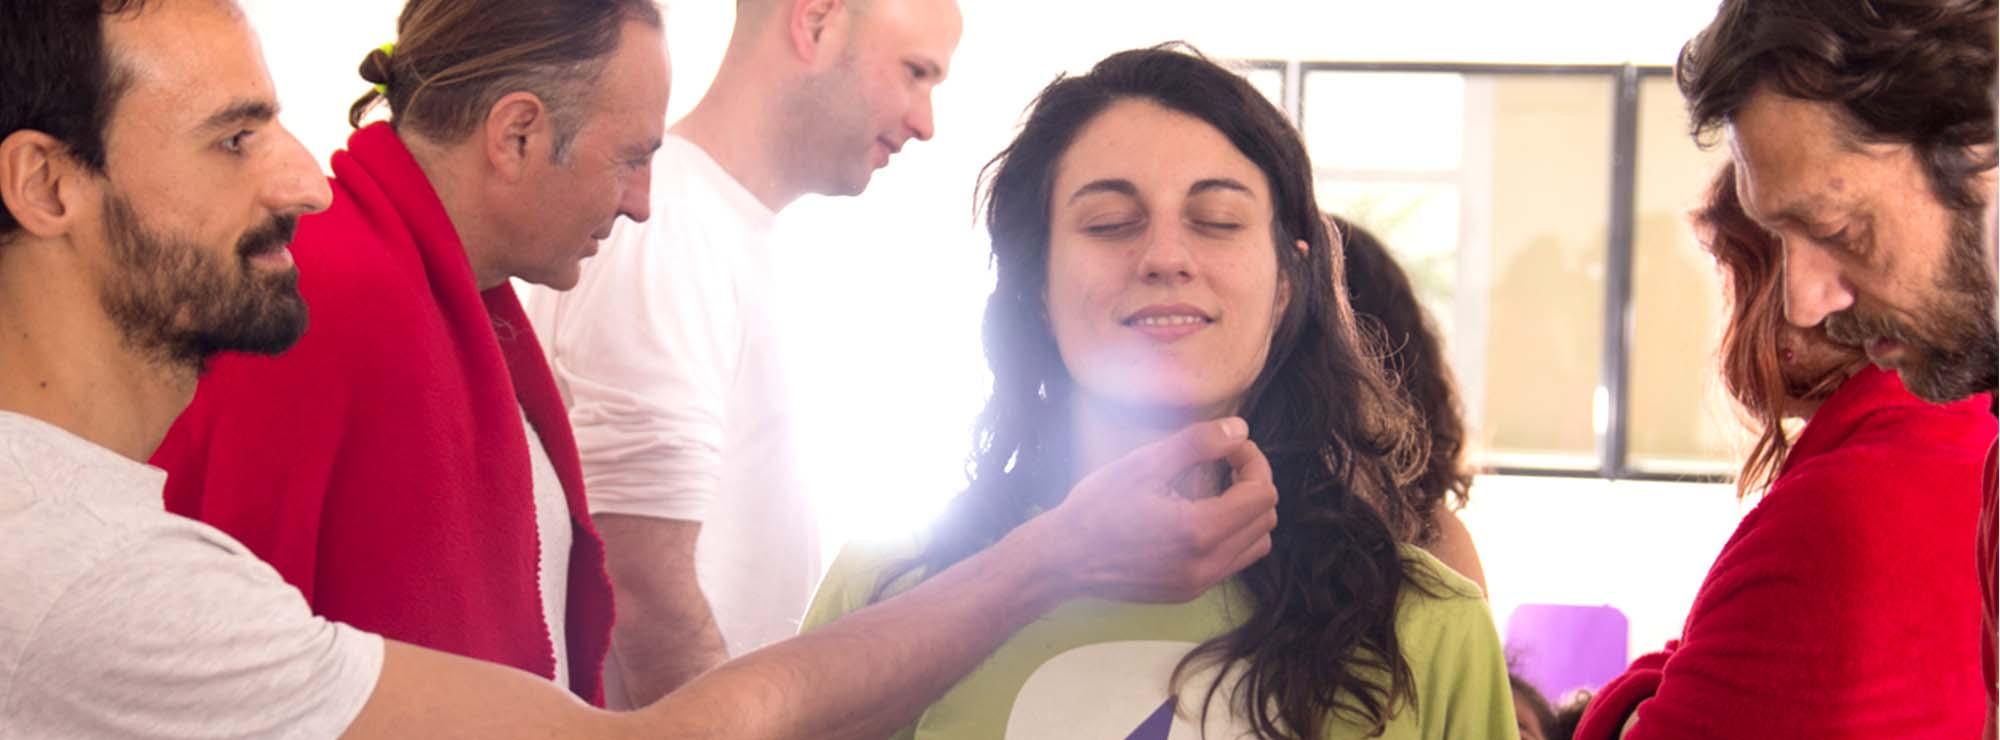 talleres-por-encargo-risoterapia